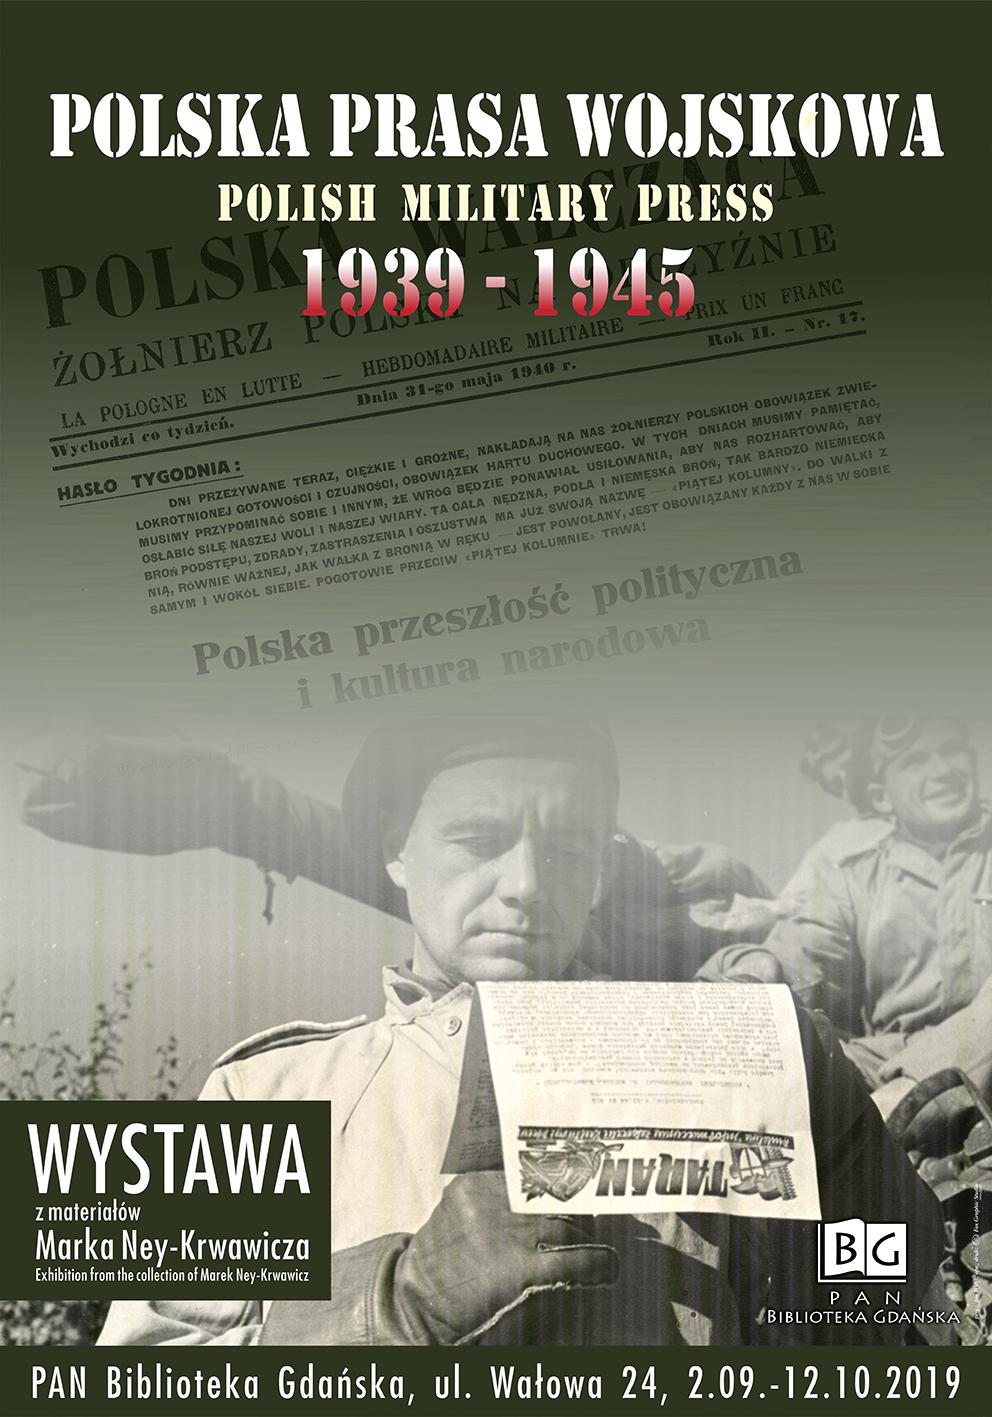 Plakat wystawy Polska prasa wojskowa